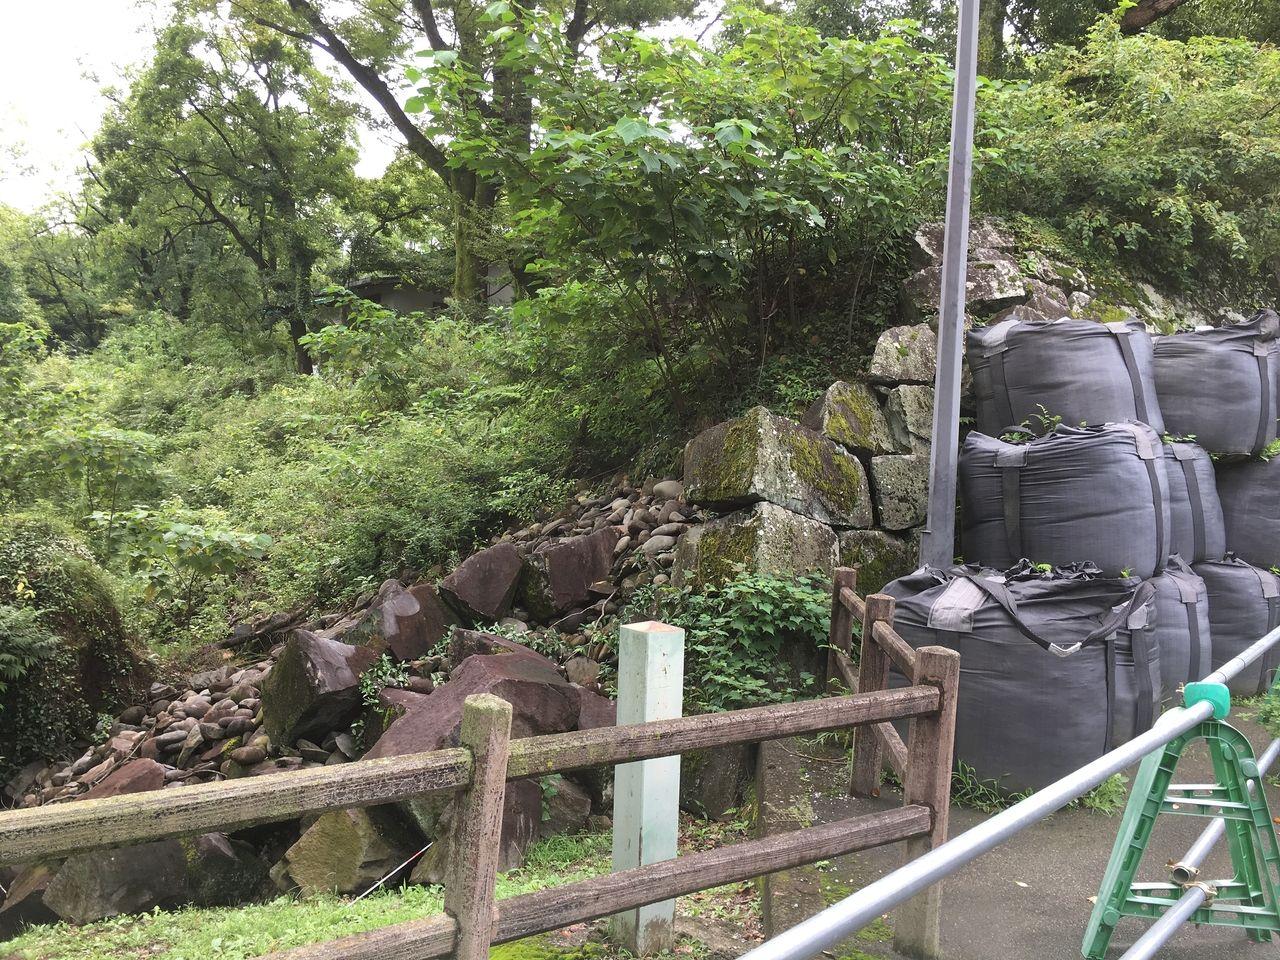 石垣の二次崩落を防ぐため応急てき安全対策としてつまれいる大型土嚢